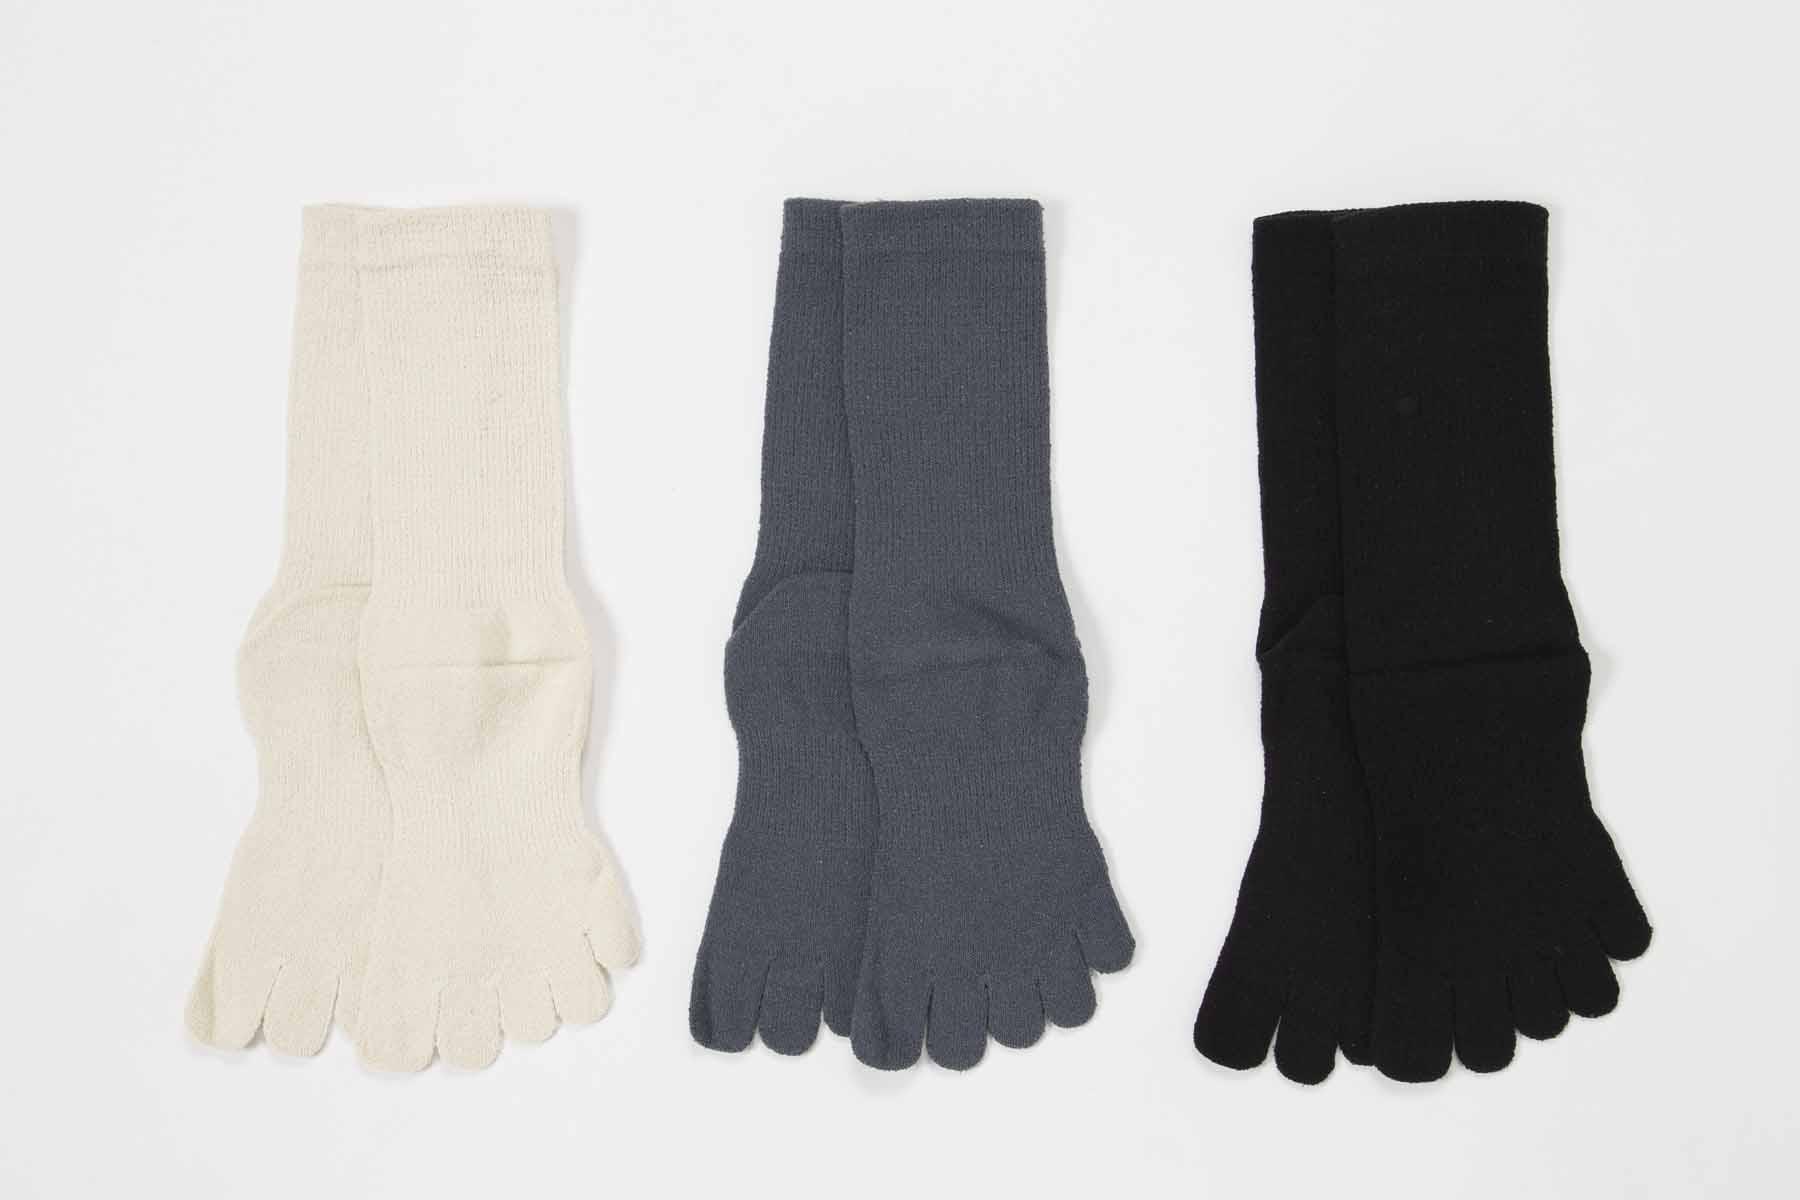 5本指ソックス シルク紬糸M(24-26cm)【8450】